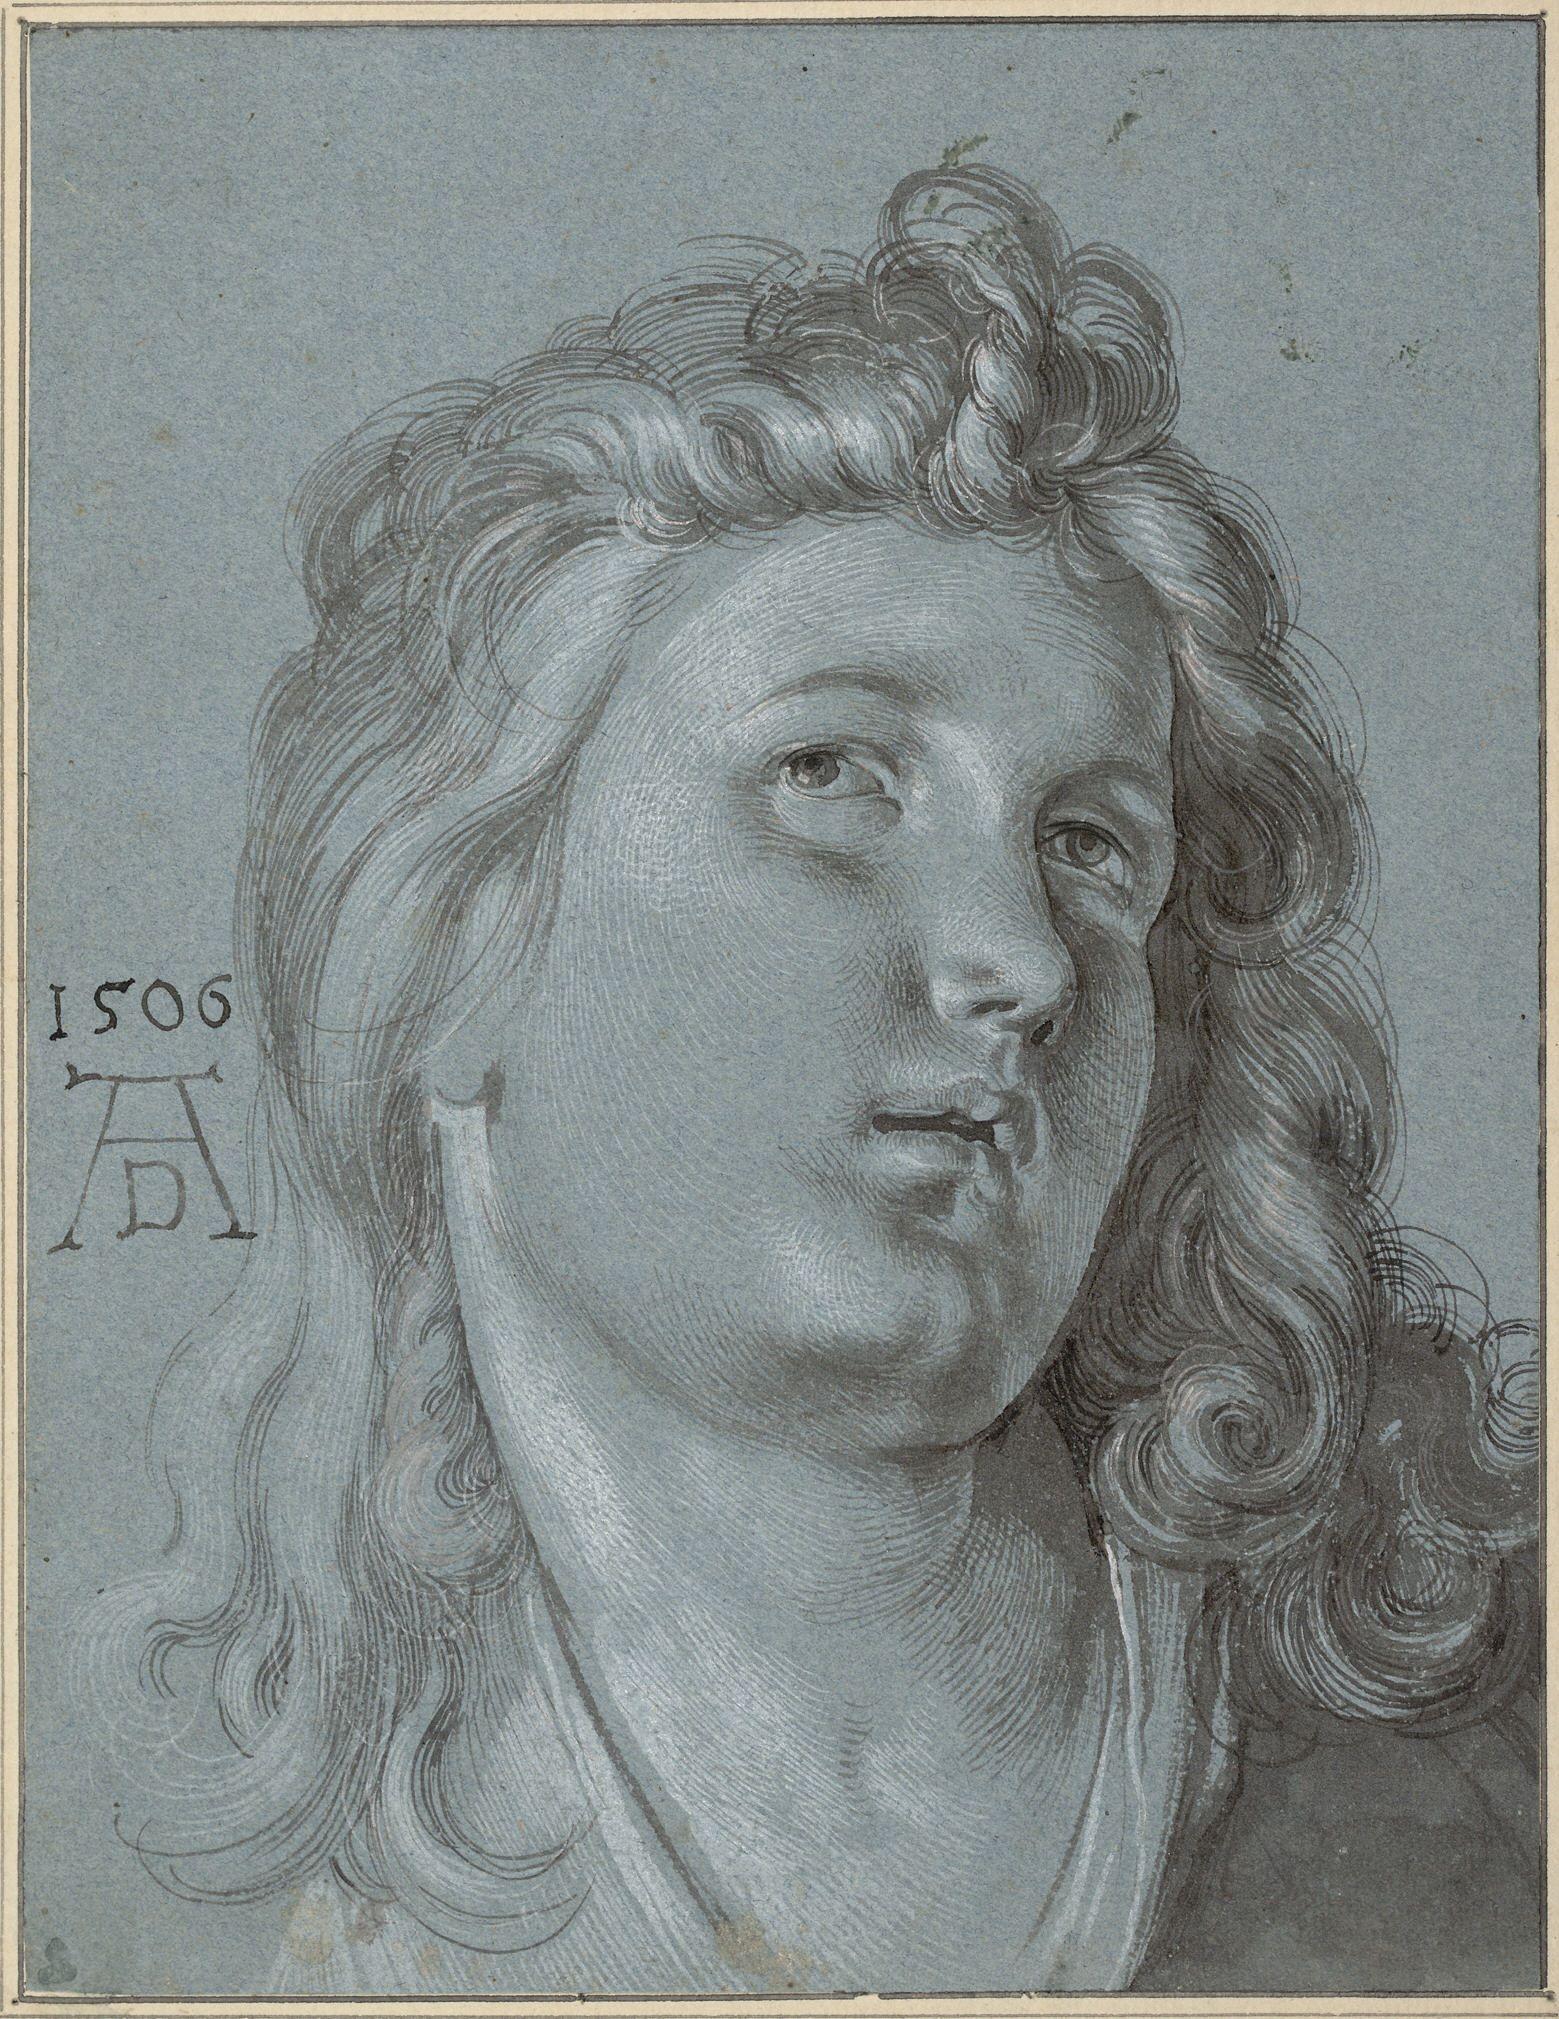 """Albrecht Dürer   Kopf des Laute spielenden Engels (Detail aus dem """"Rosenkranzfest"""") - Head of an angel (Detail of the """"Rosenkranzfest"""")   1506   © Albertina, Wien"""